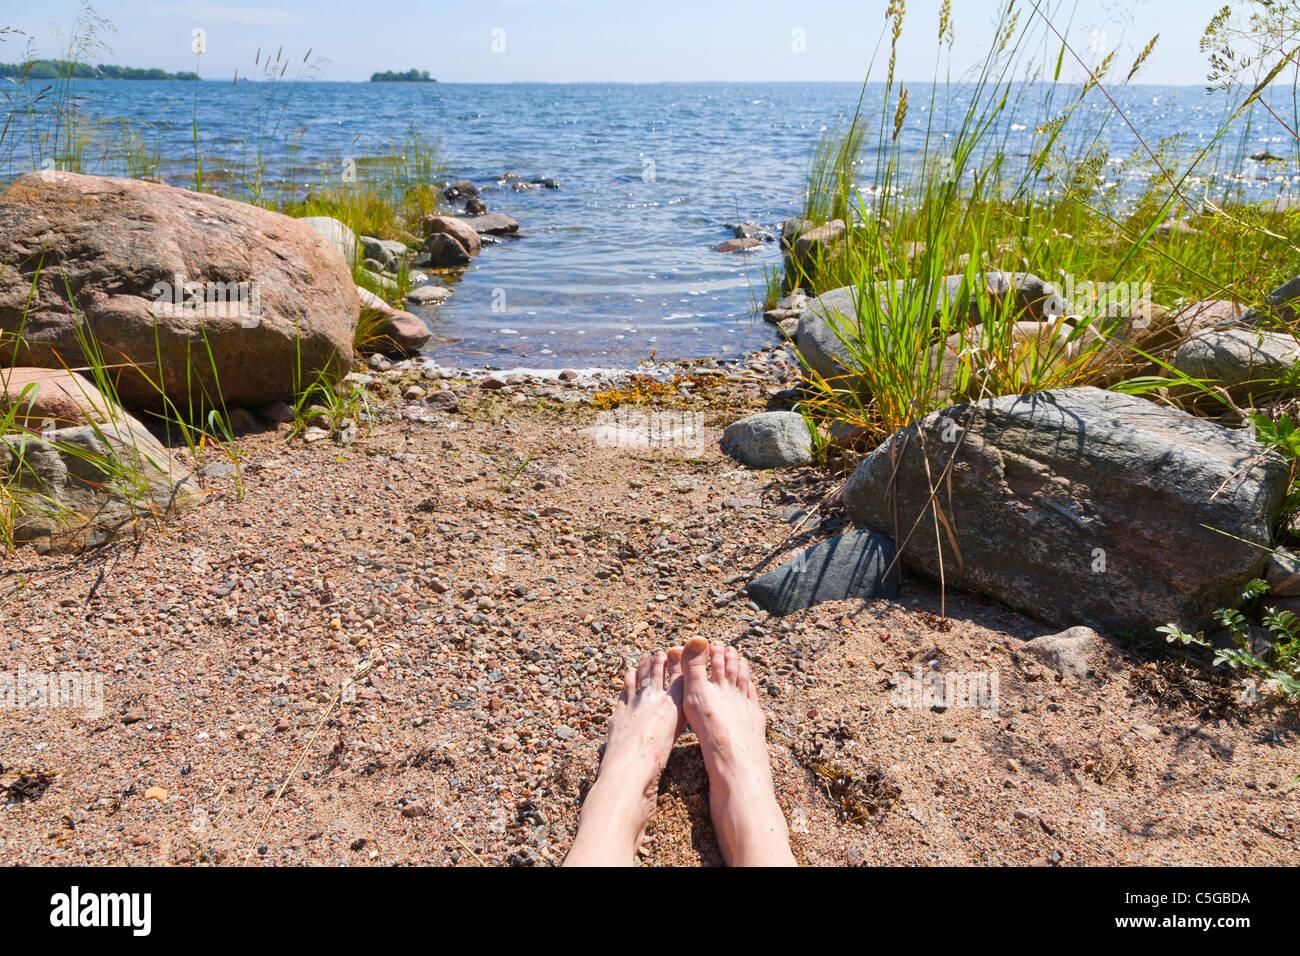 Summer in the Archipelago of Stockholm, Sweden. - Stock Image